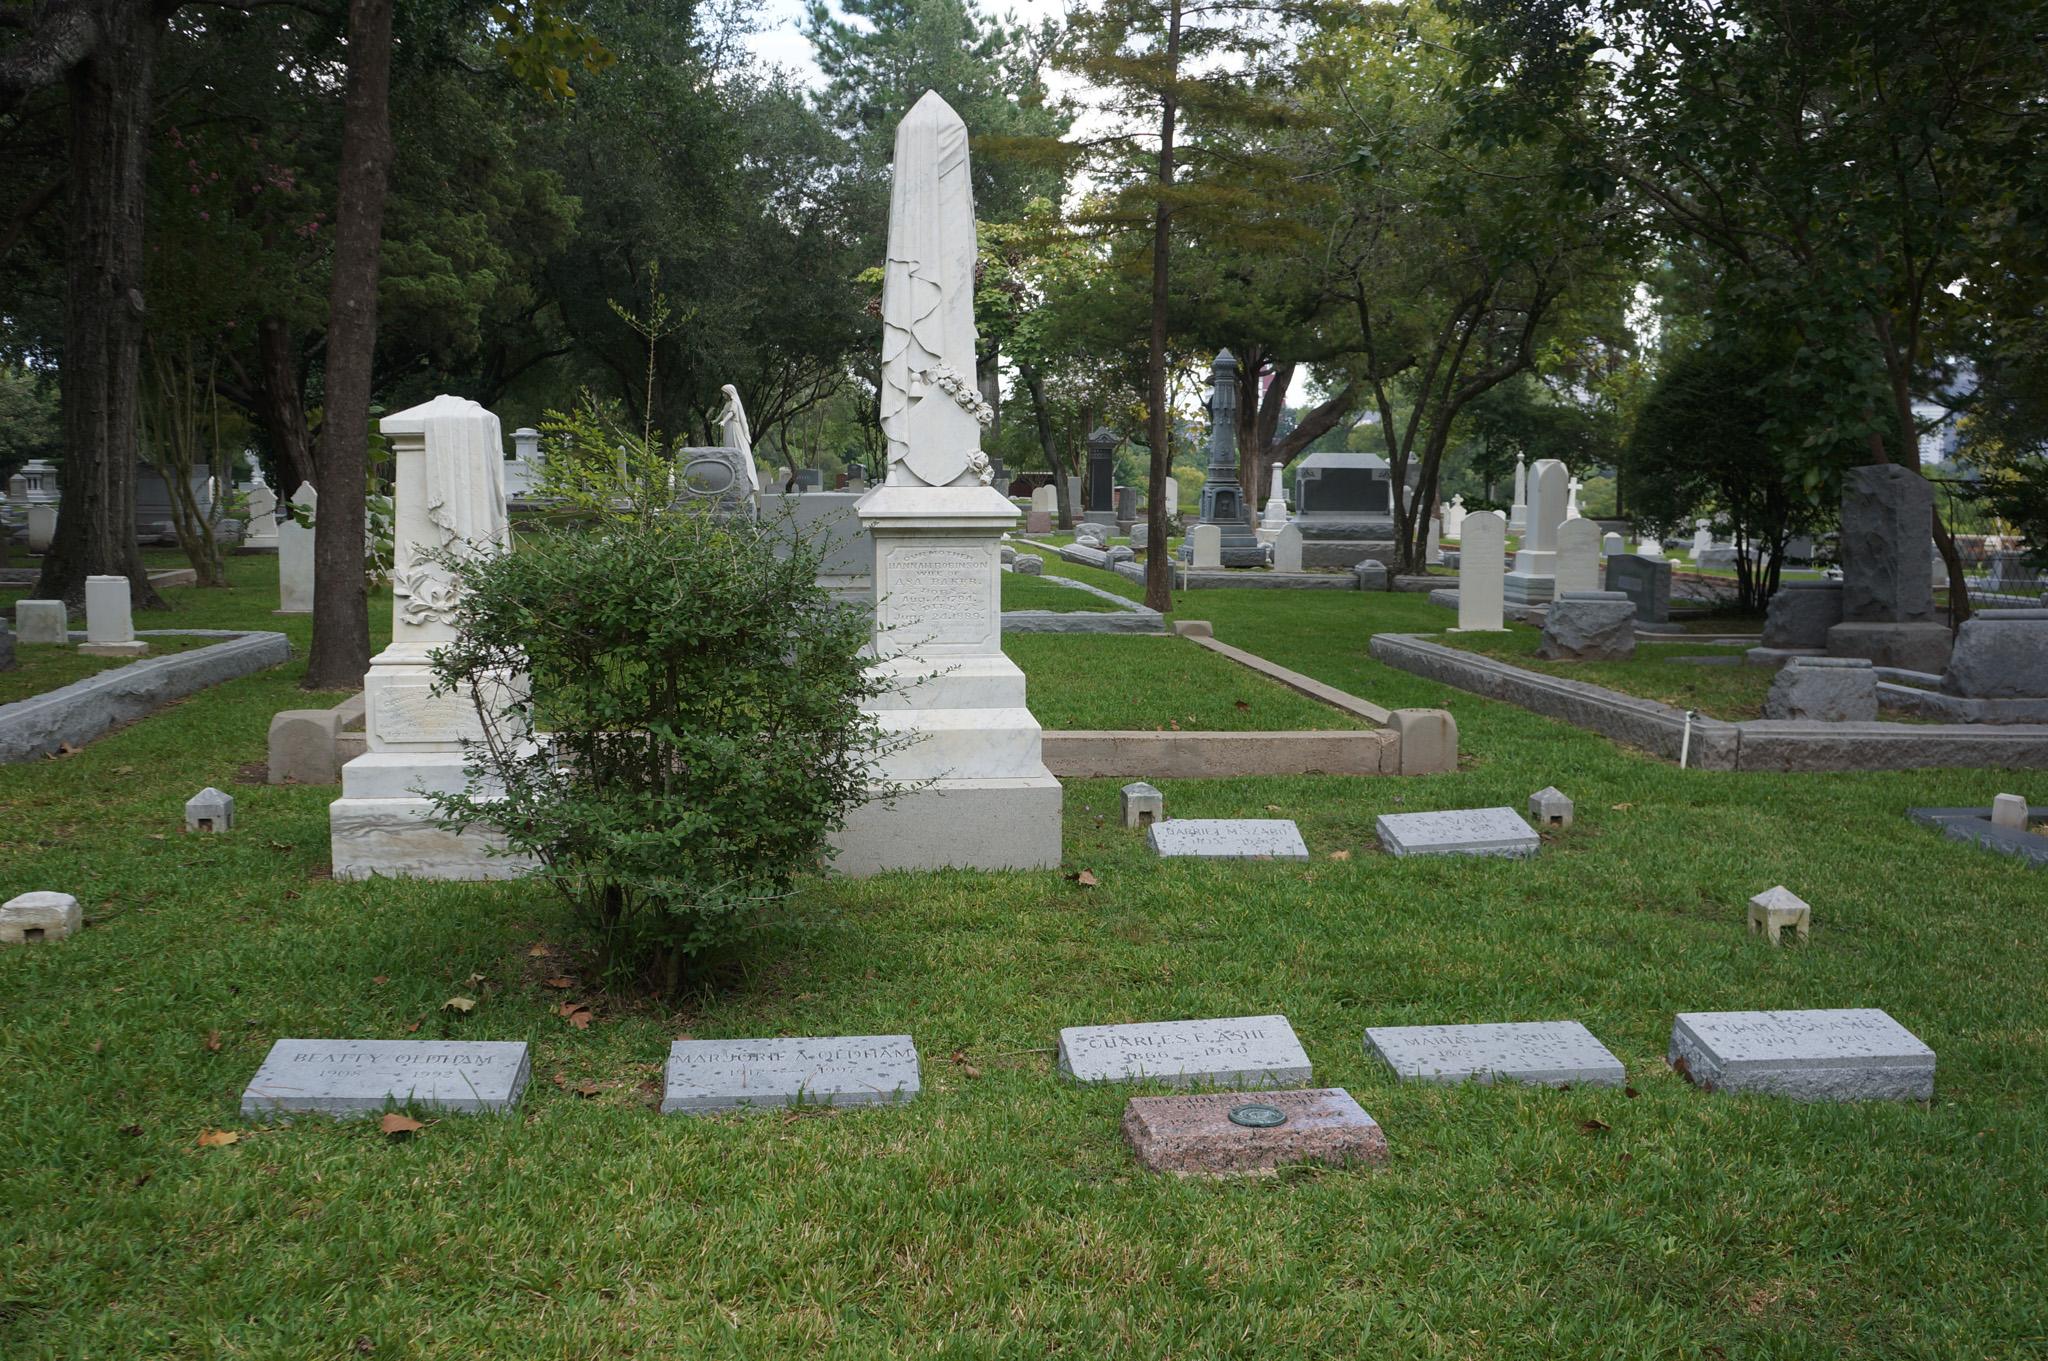 Baker Family Gravestones in Glenwood Cemetery